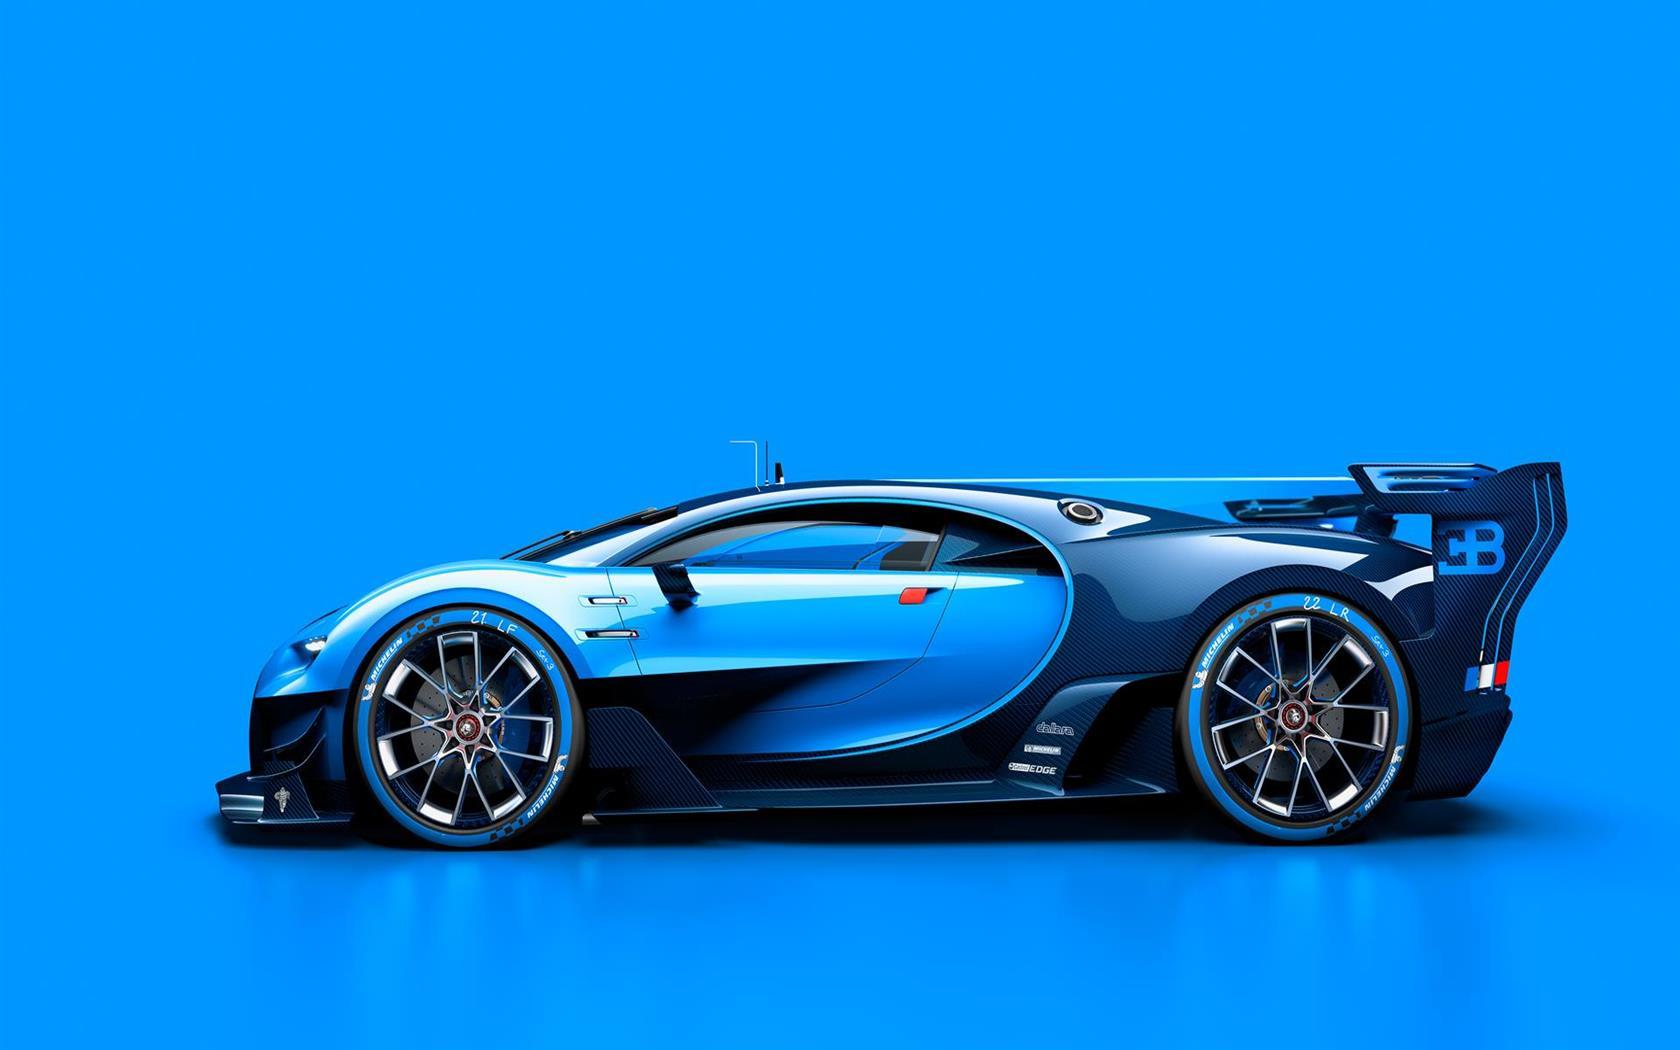 2015 Bugatti Vision Gran Turismo Image Https Www